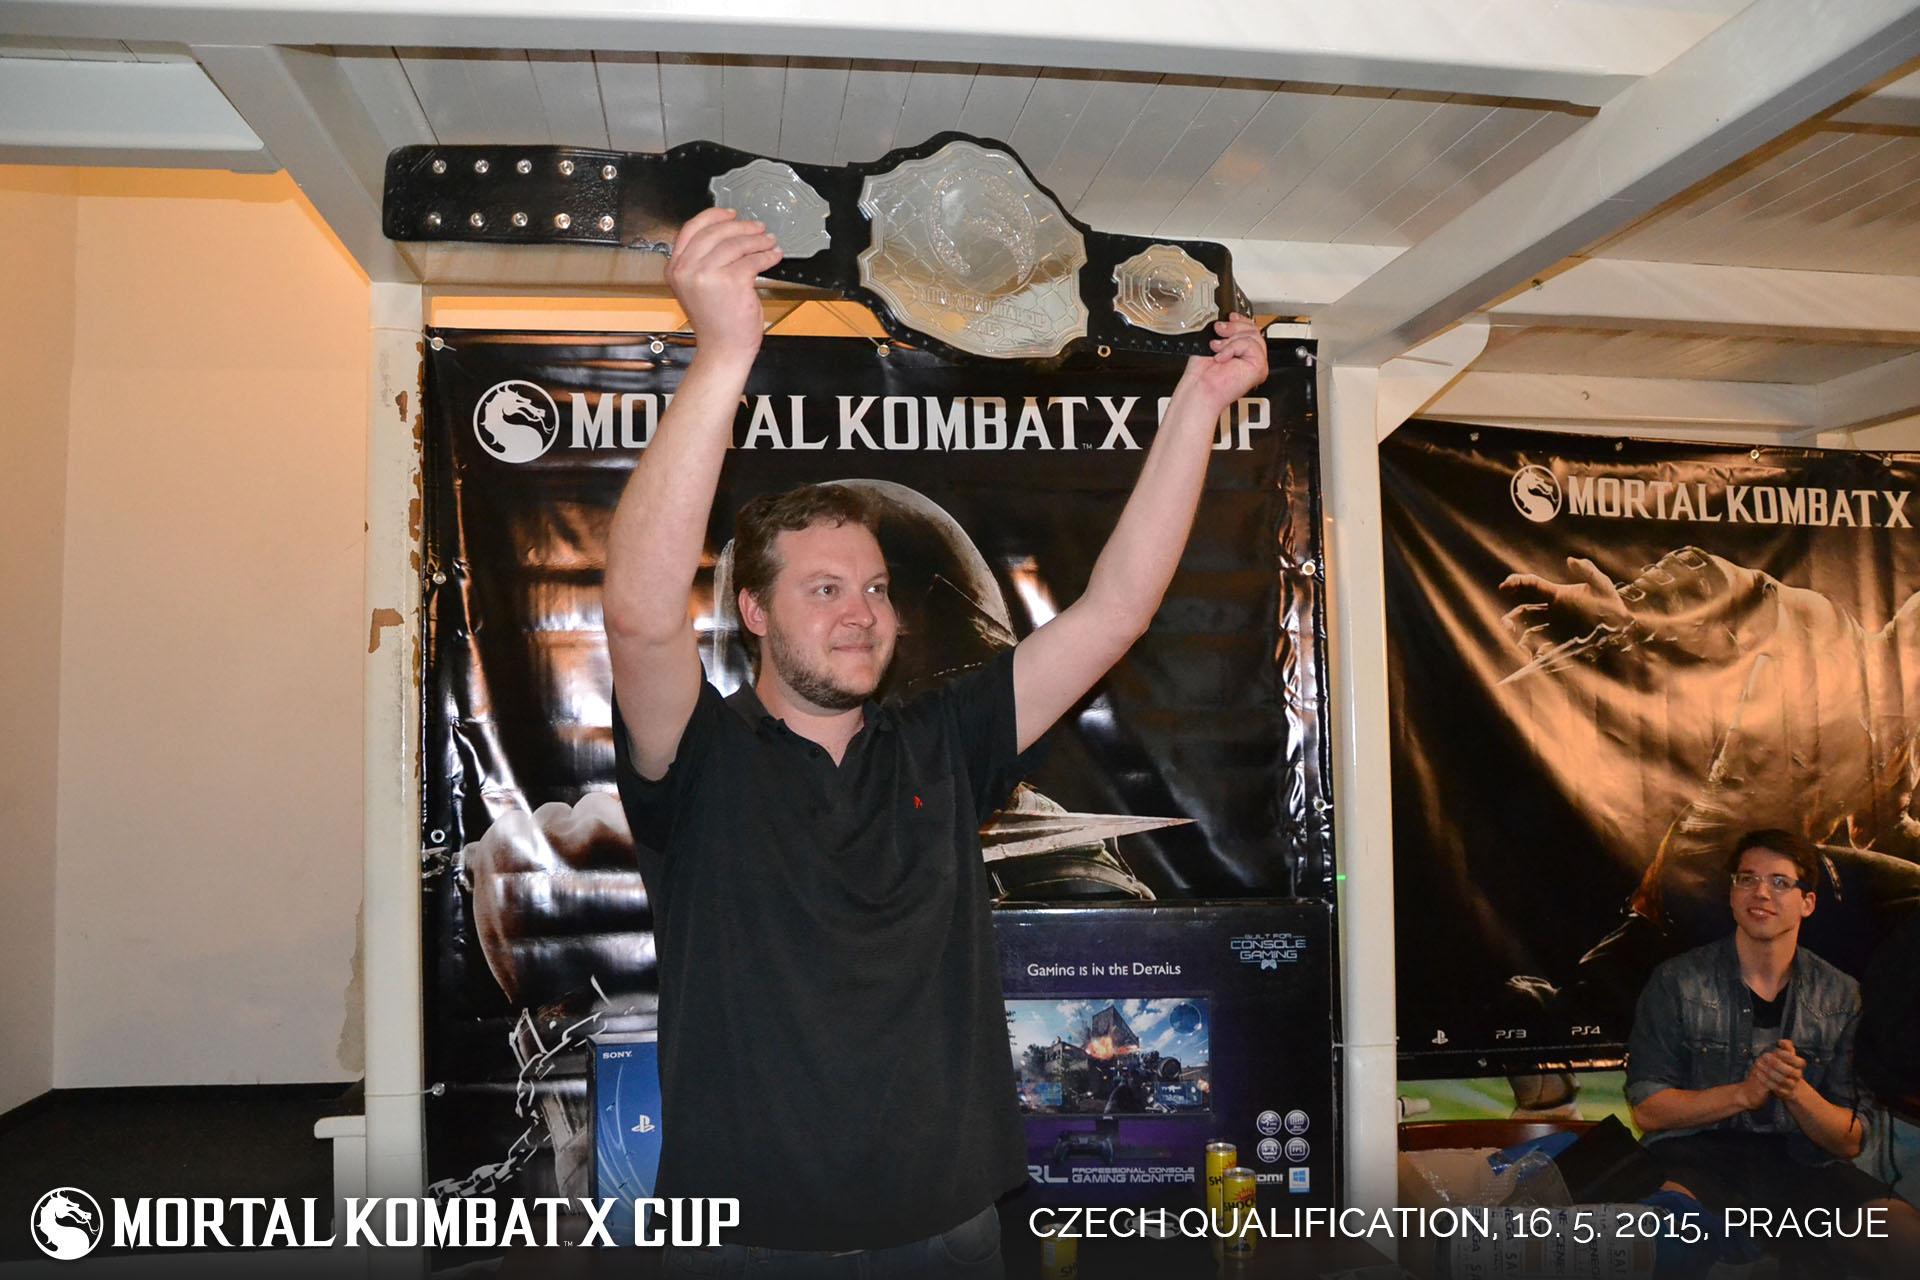 Česká kvalifikace na Mortal Kombat X Cup zná vítěze! 109162